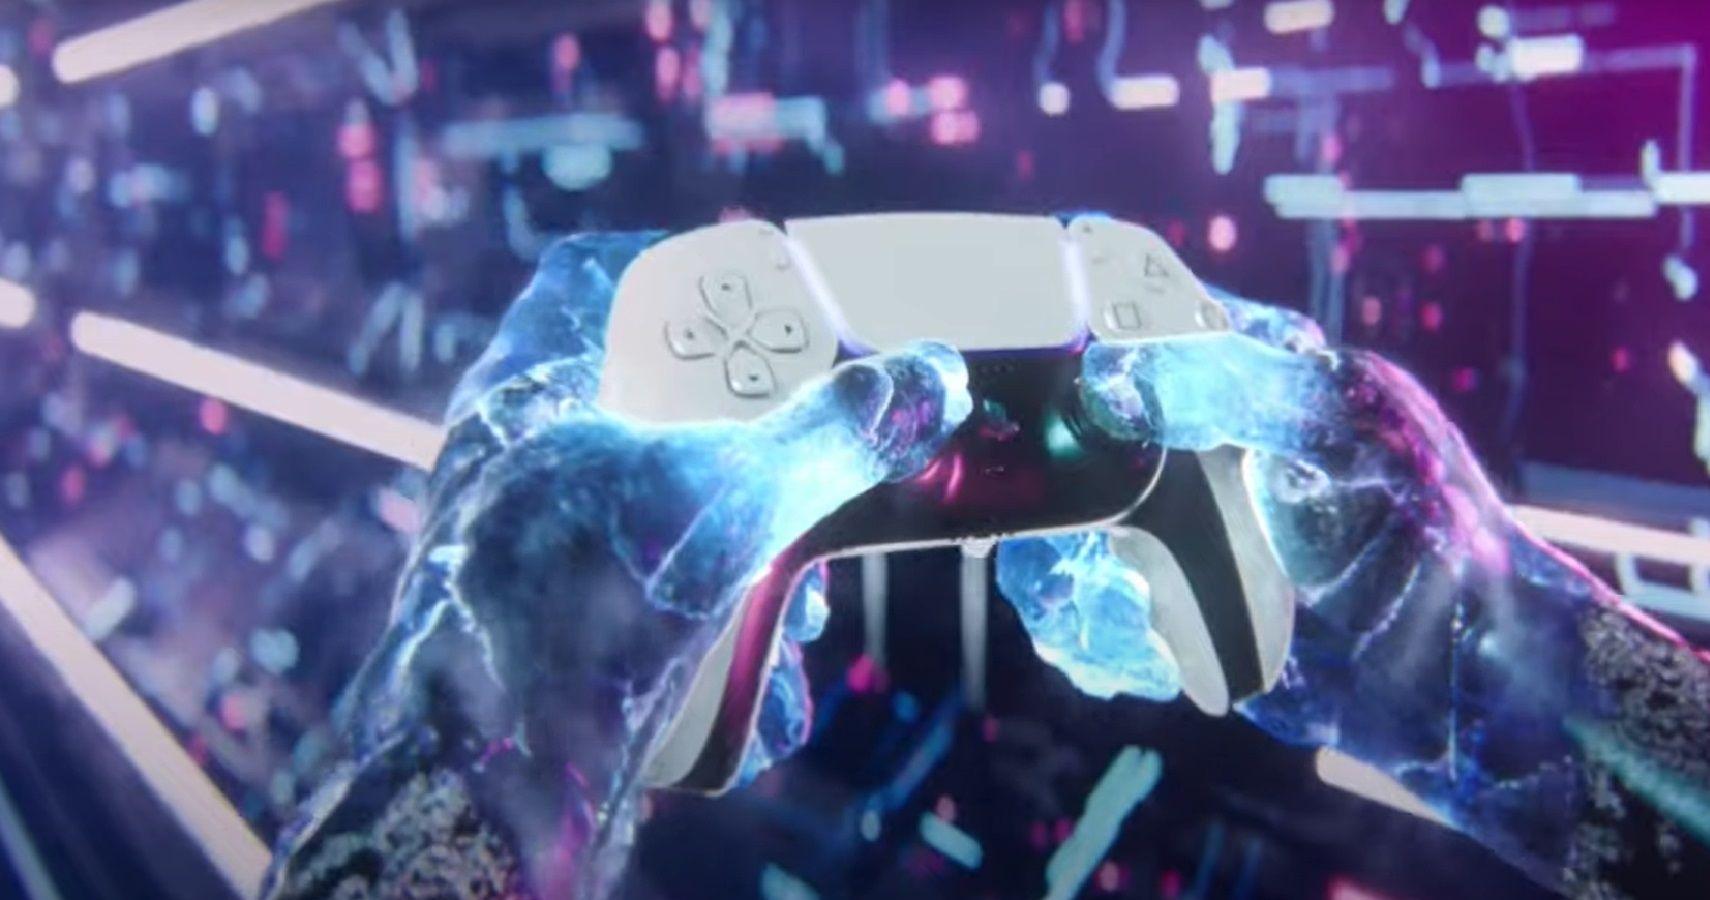 E3 Reuploads Trailer To Remove PS5 Controller | TheGamer